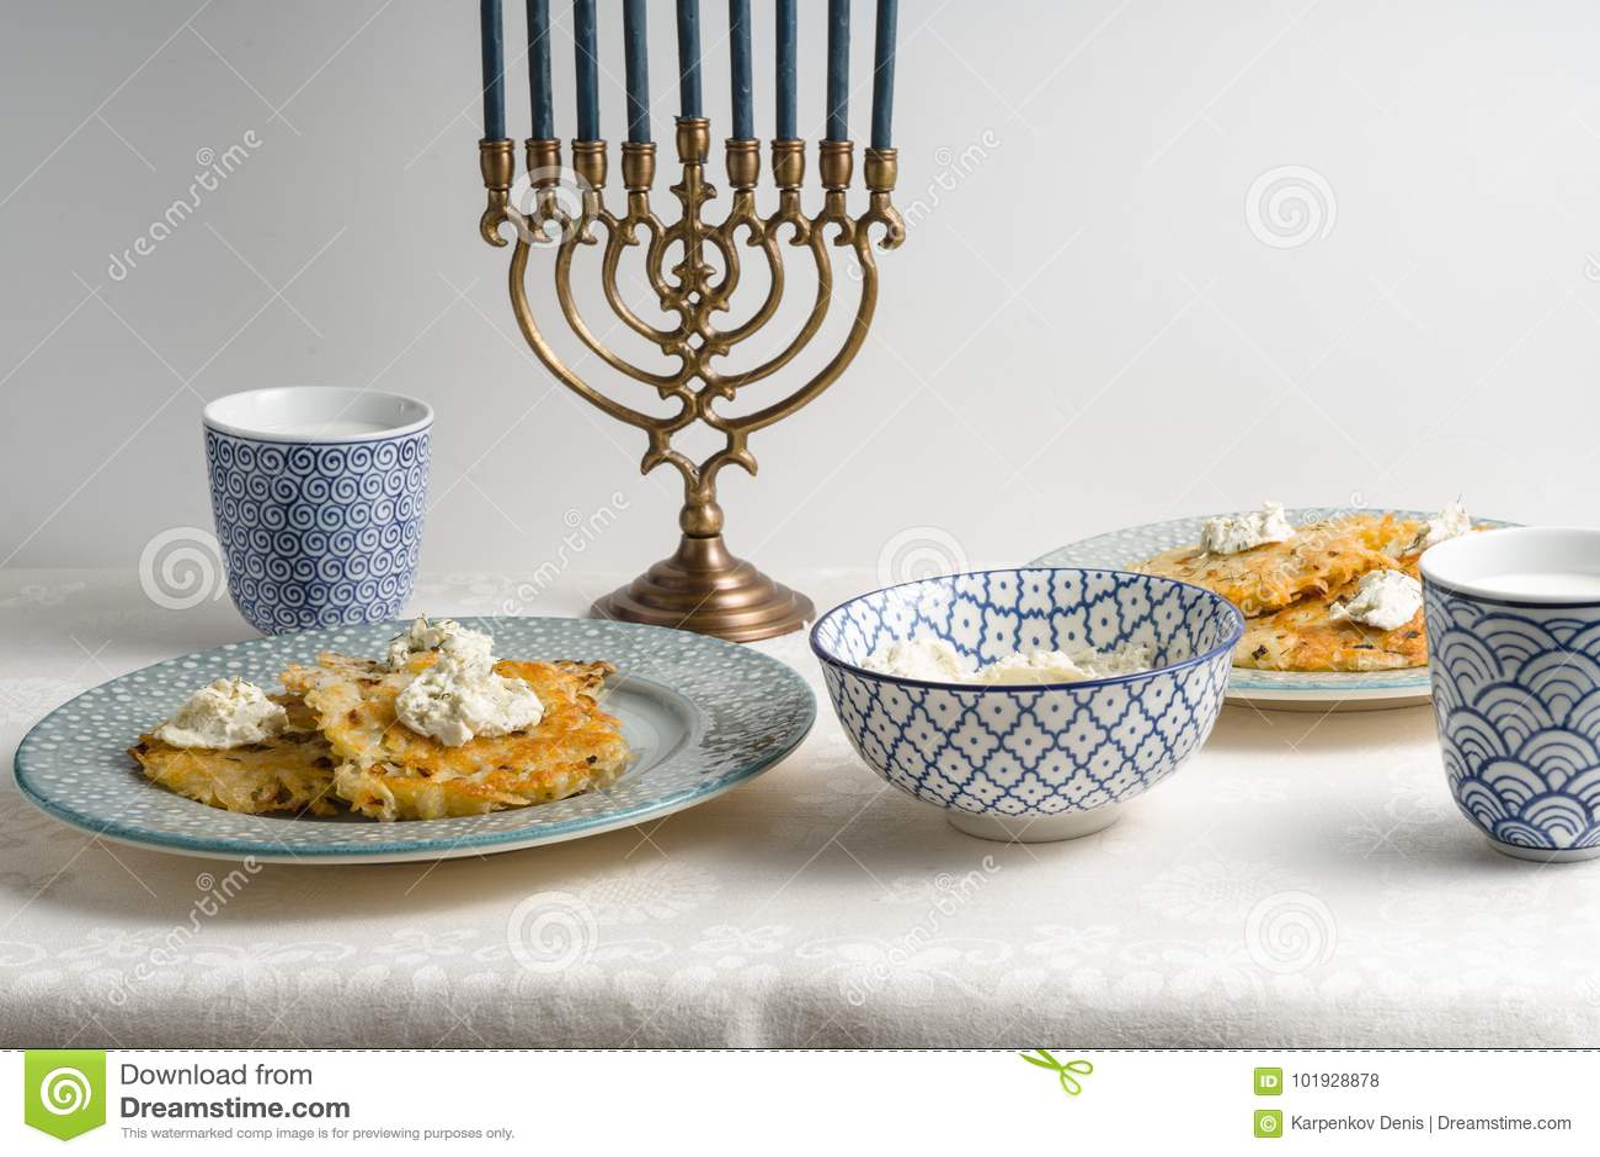 Latkes su un piatto, Chanukah, tazze con latte su una tovaglia bianca